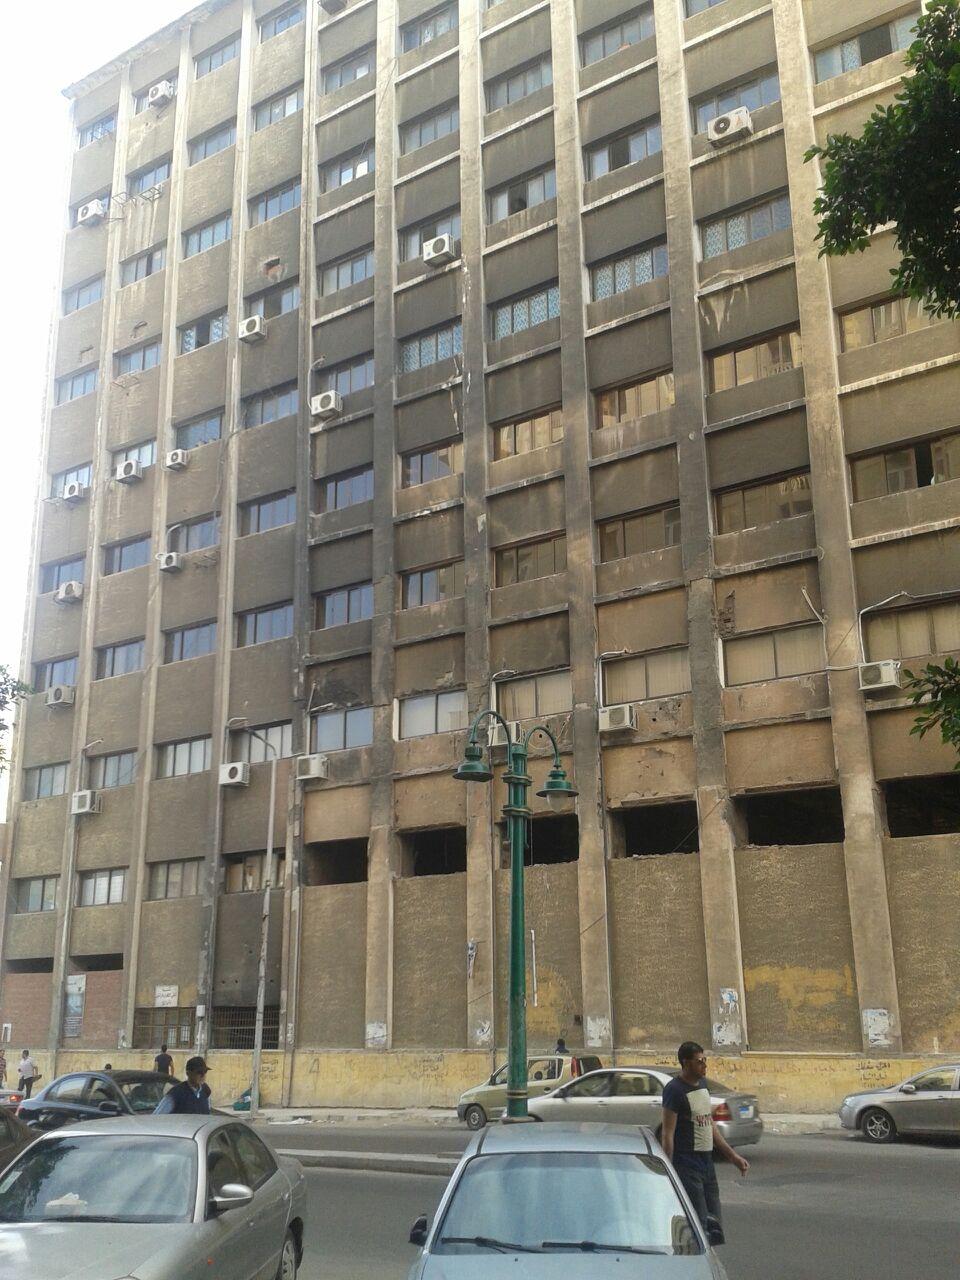 مواطن يدعو لترميم مبنى حي وسط الإسكندرية: ما بالنا بجبال القمامة